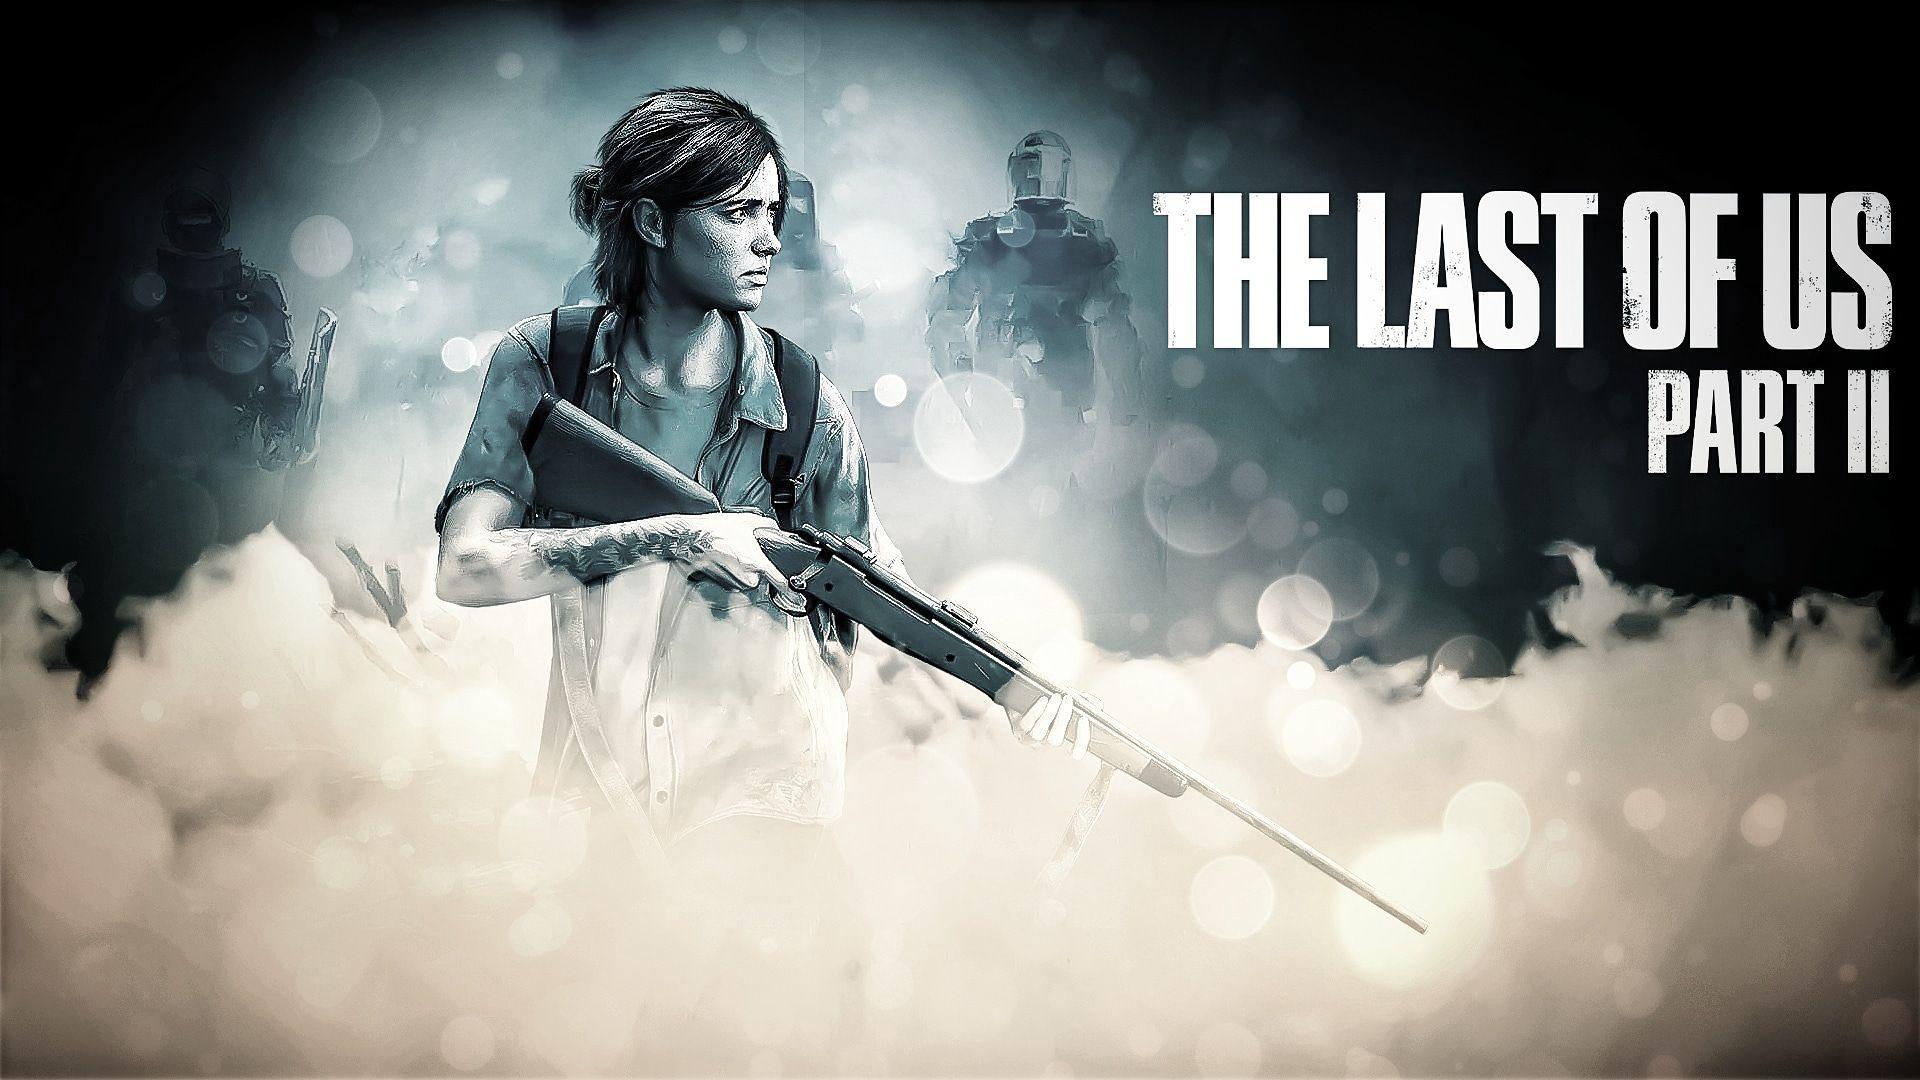 The Last of Us Parte II – Naughty Dog comunica il triste annuncio che nessuno voleva leggere!